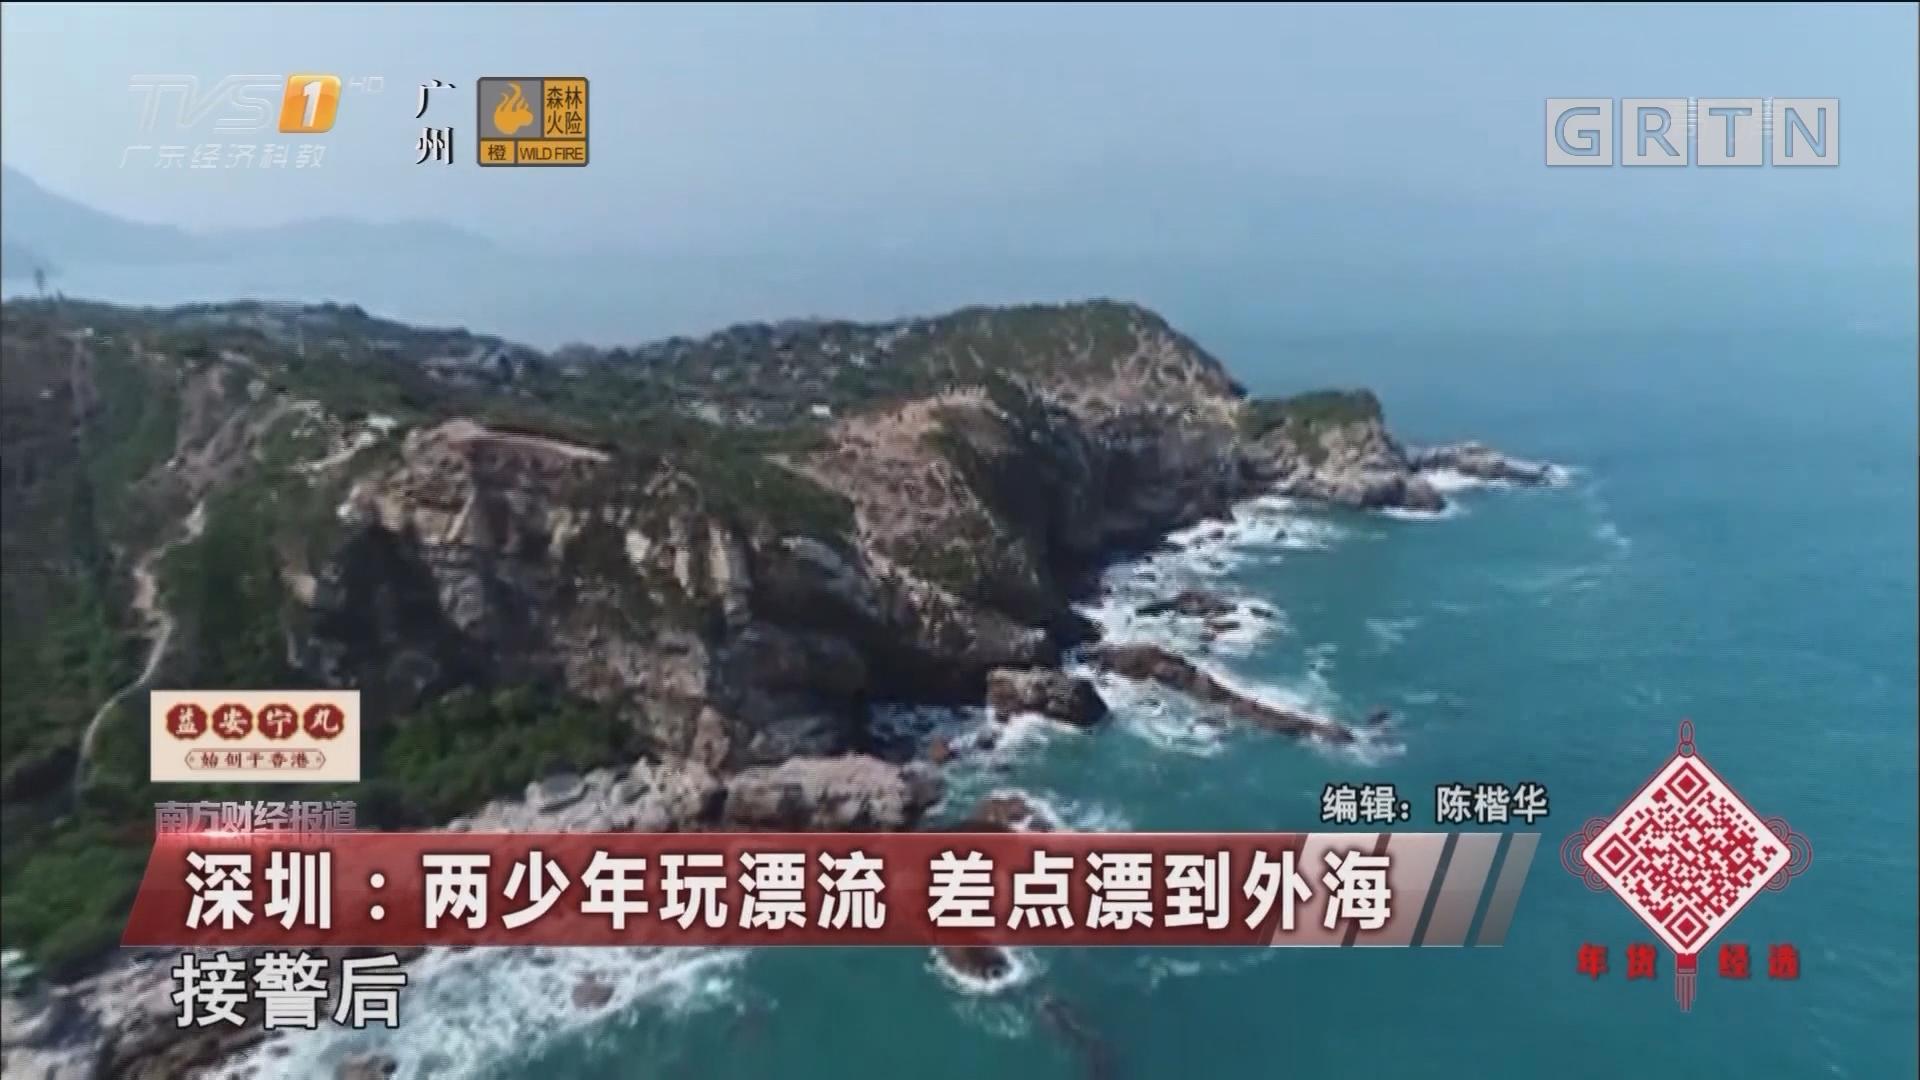 深圳:两少年玩漂流 差点漂到外海